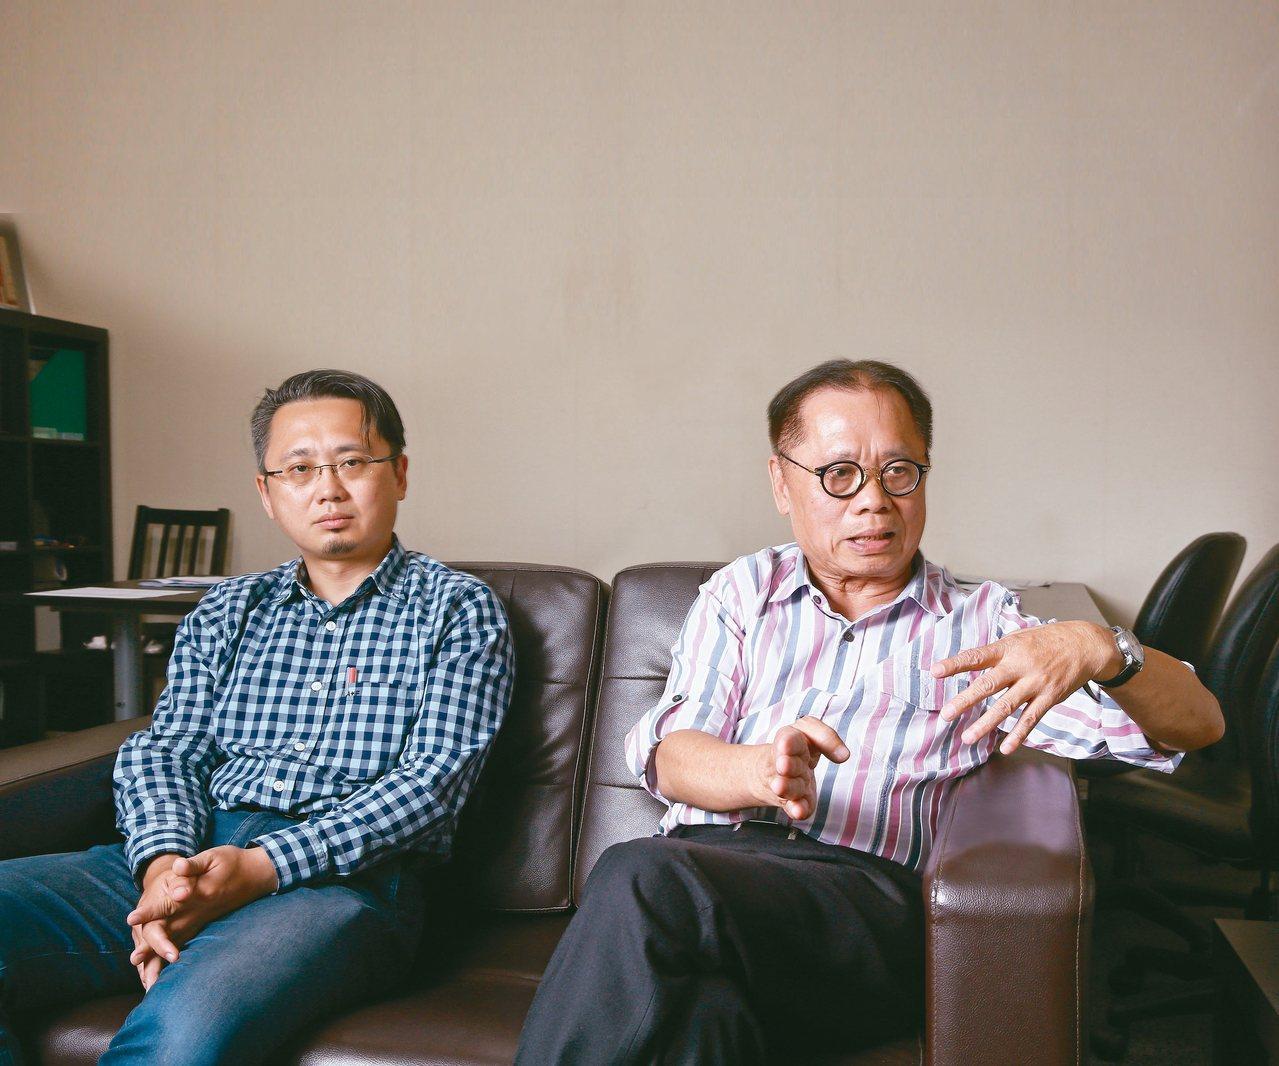 戴勝通(右)、戴東華是父子、也是夥伴,共同經歷生意失敗低潮,父子再次攜手,一起走...